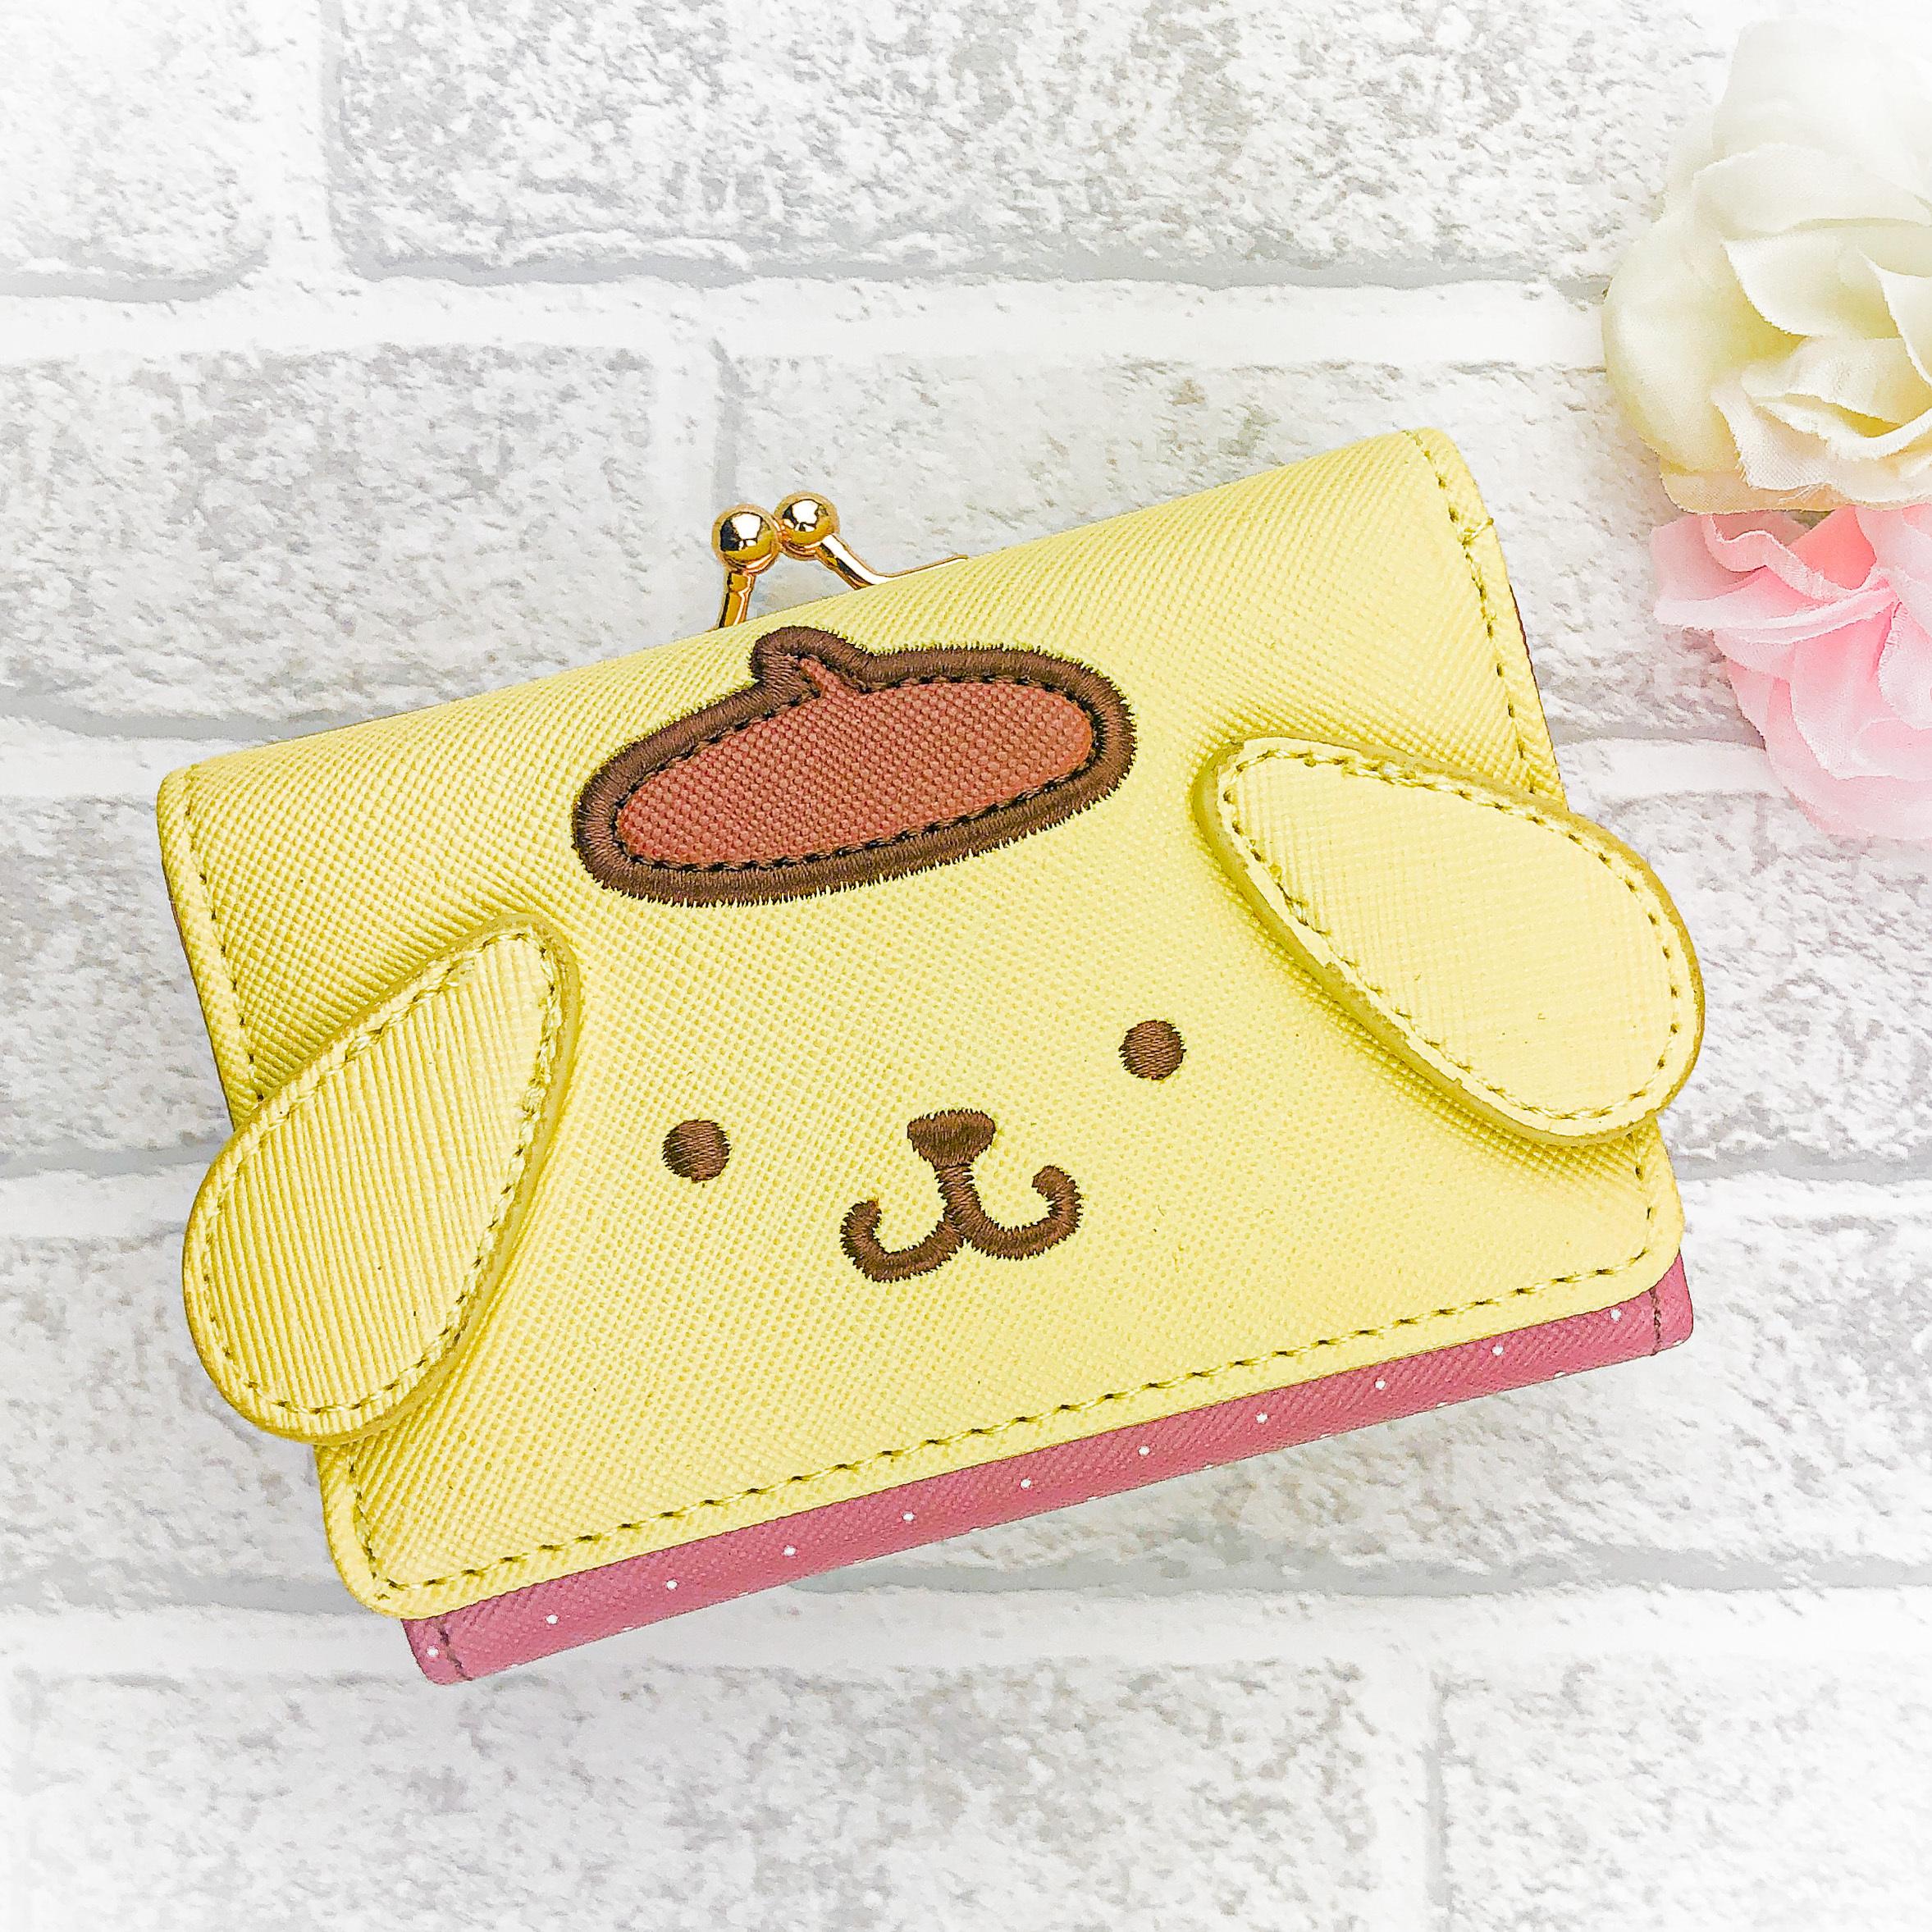 サンリオキャラクターミニ口金財布(ポムポムプリン)